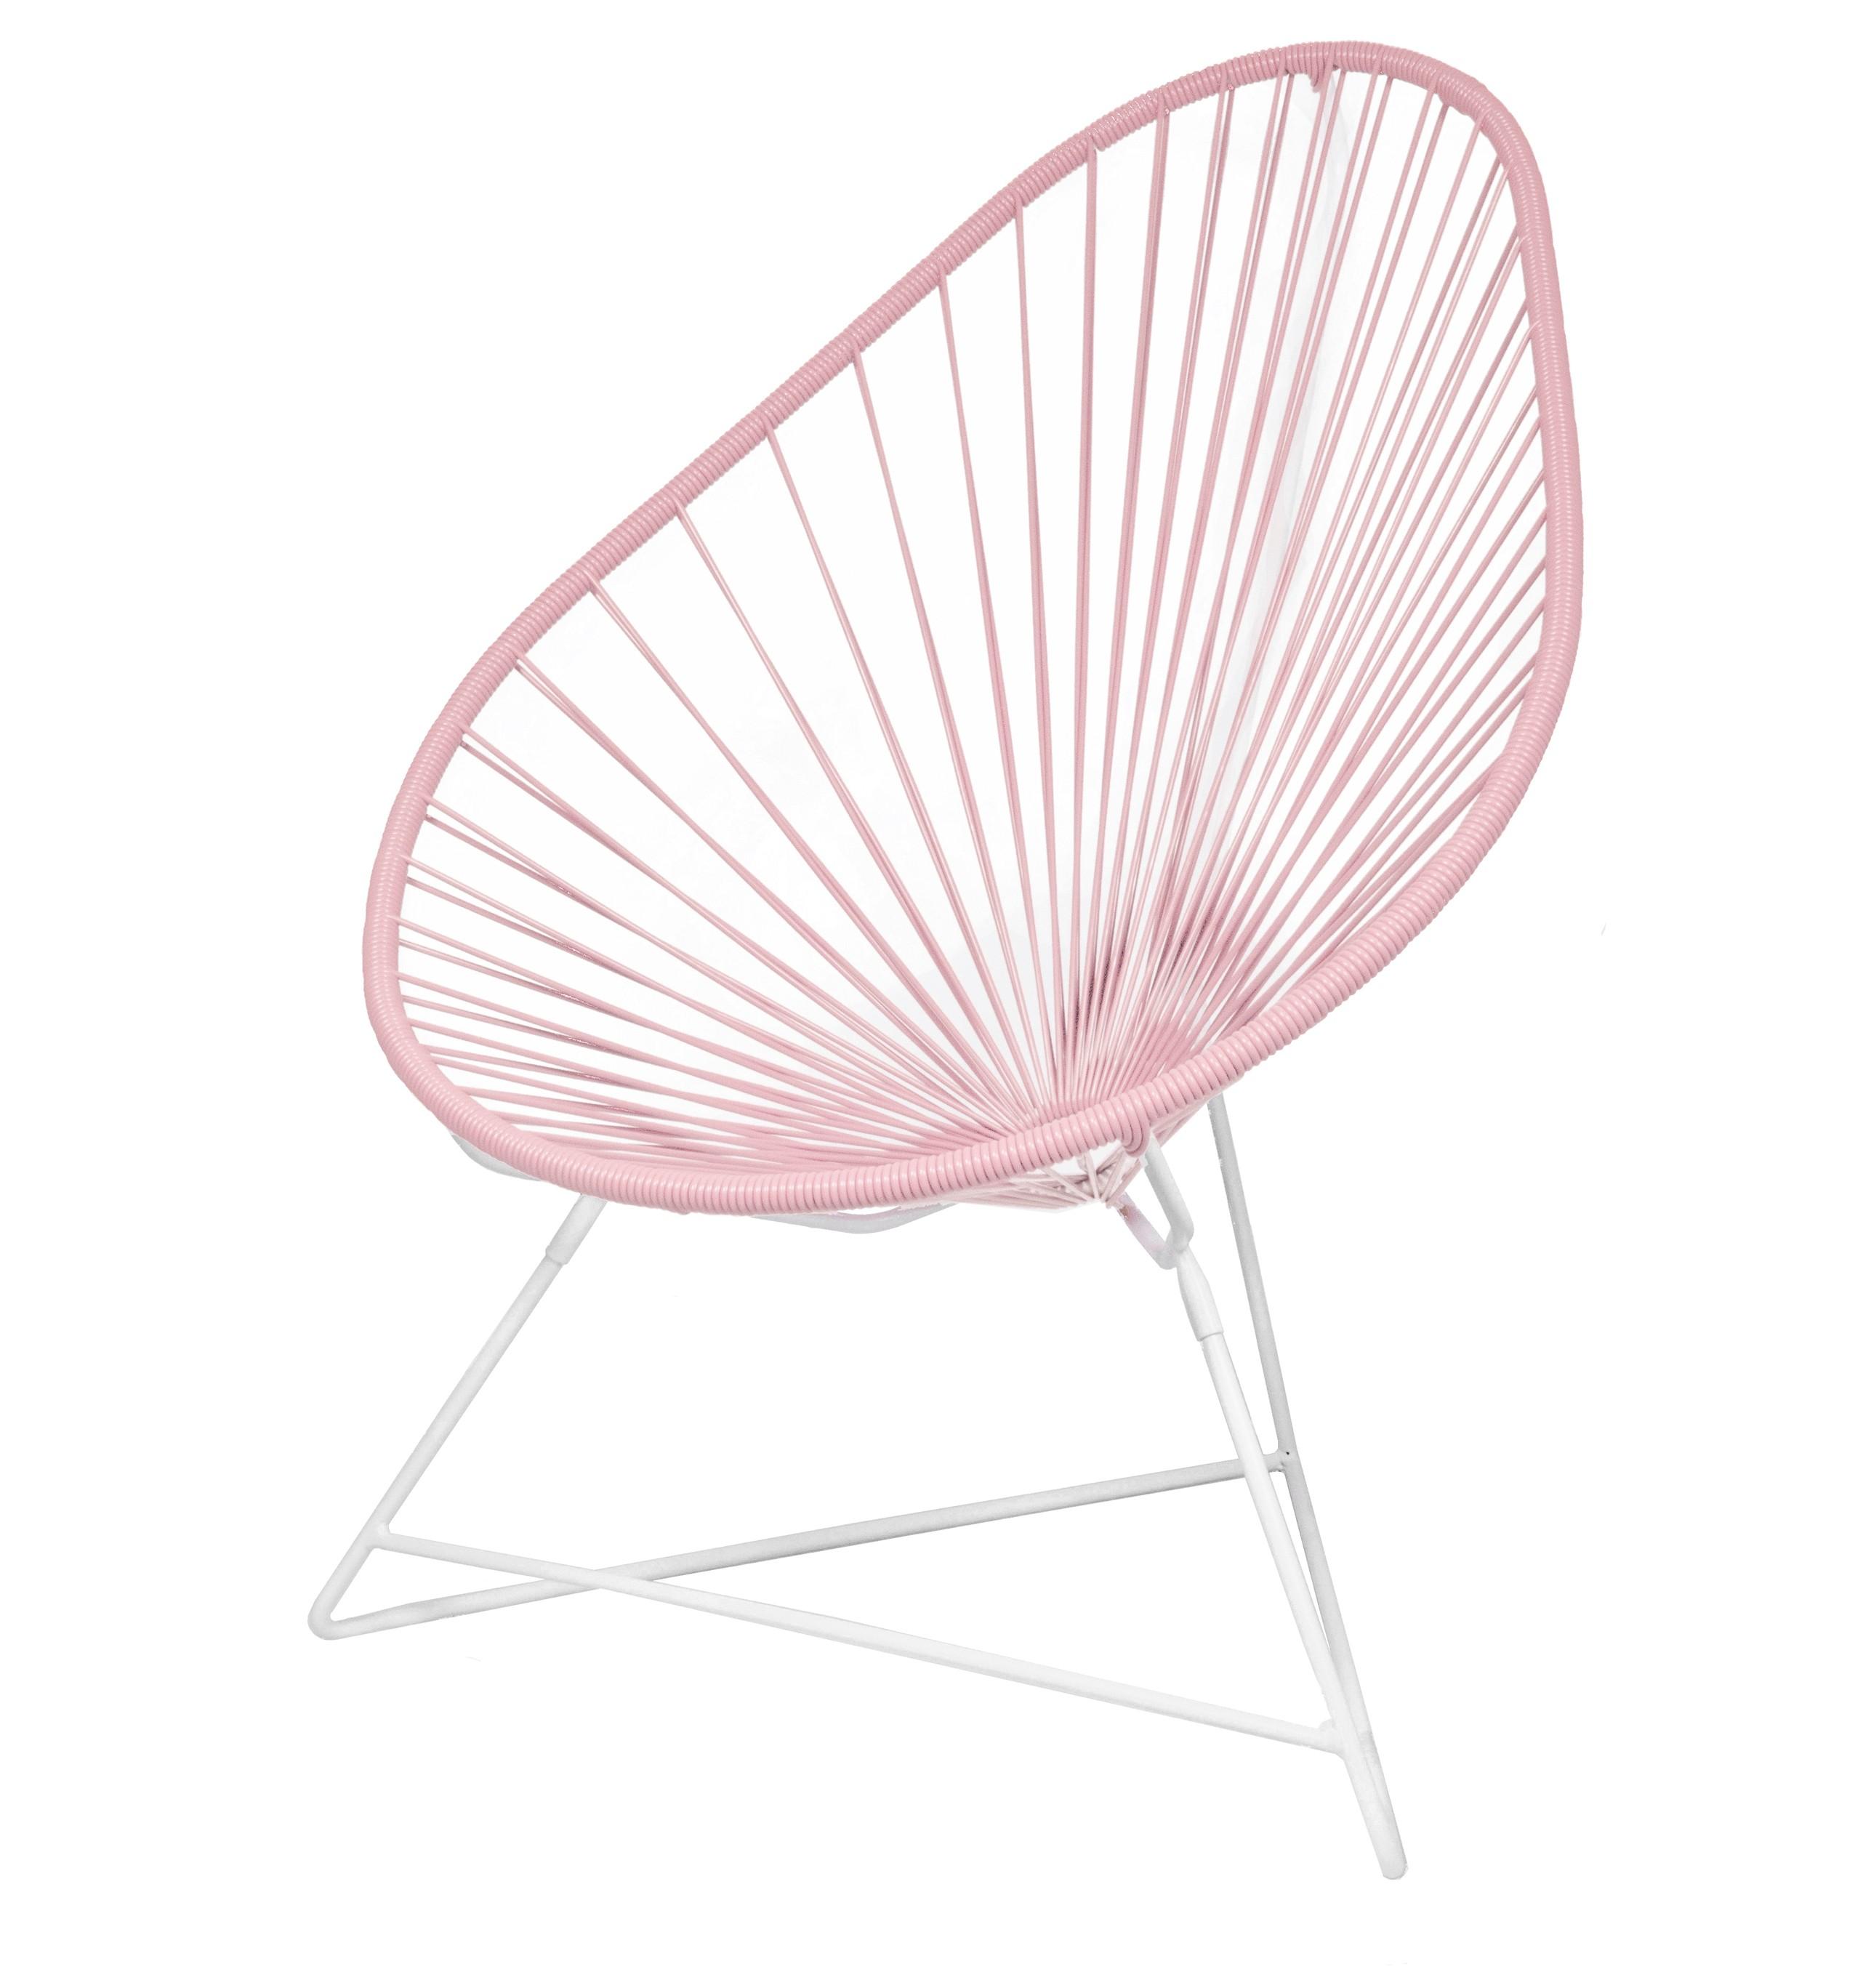 fauteuil acapulco de boqa avec structure blanche rose poudr. Black Bedroom Furniture Sets. Home Design Ideas